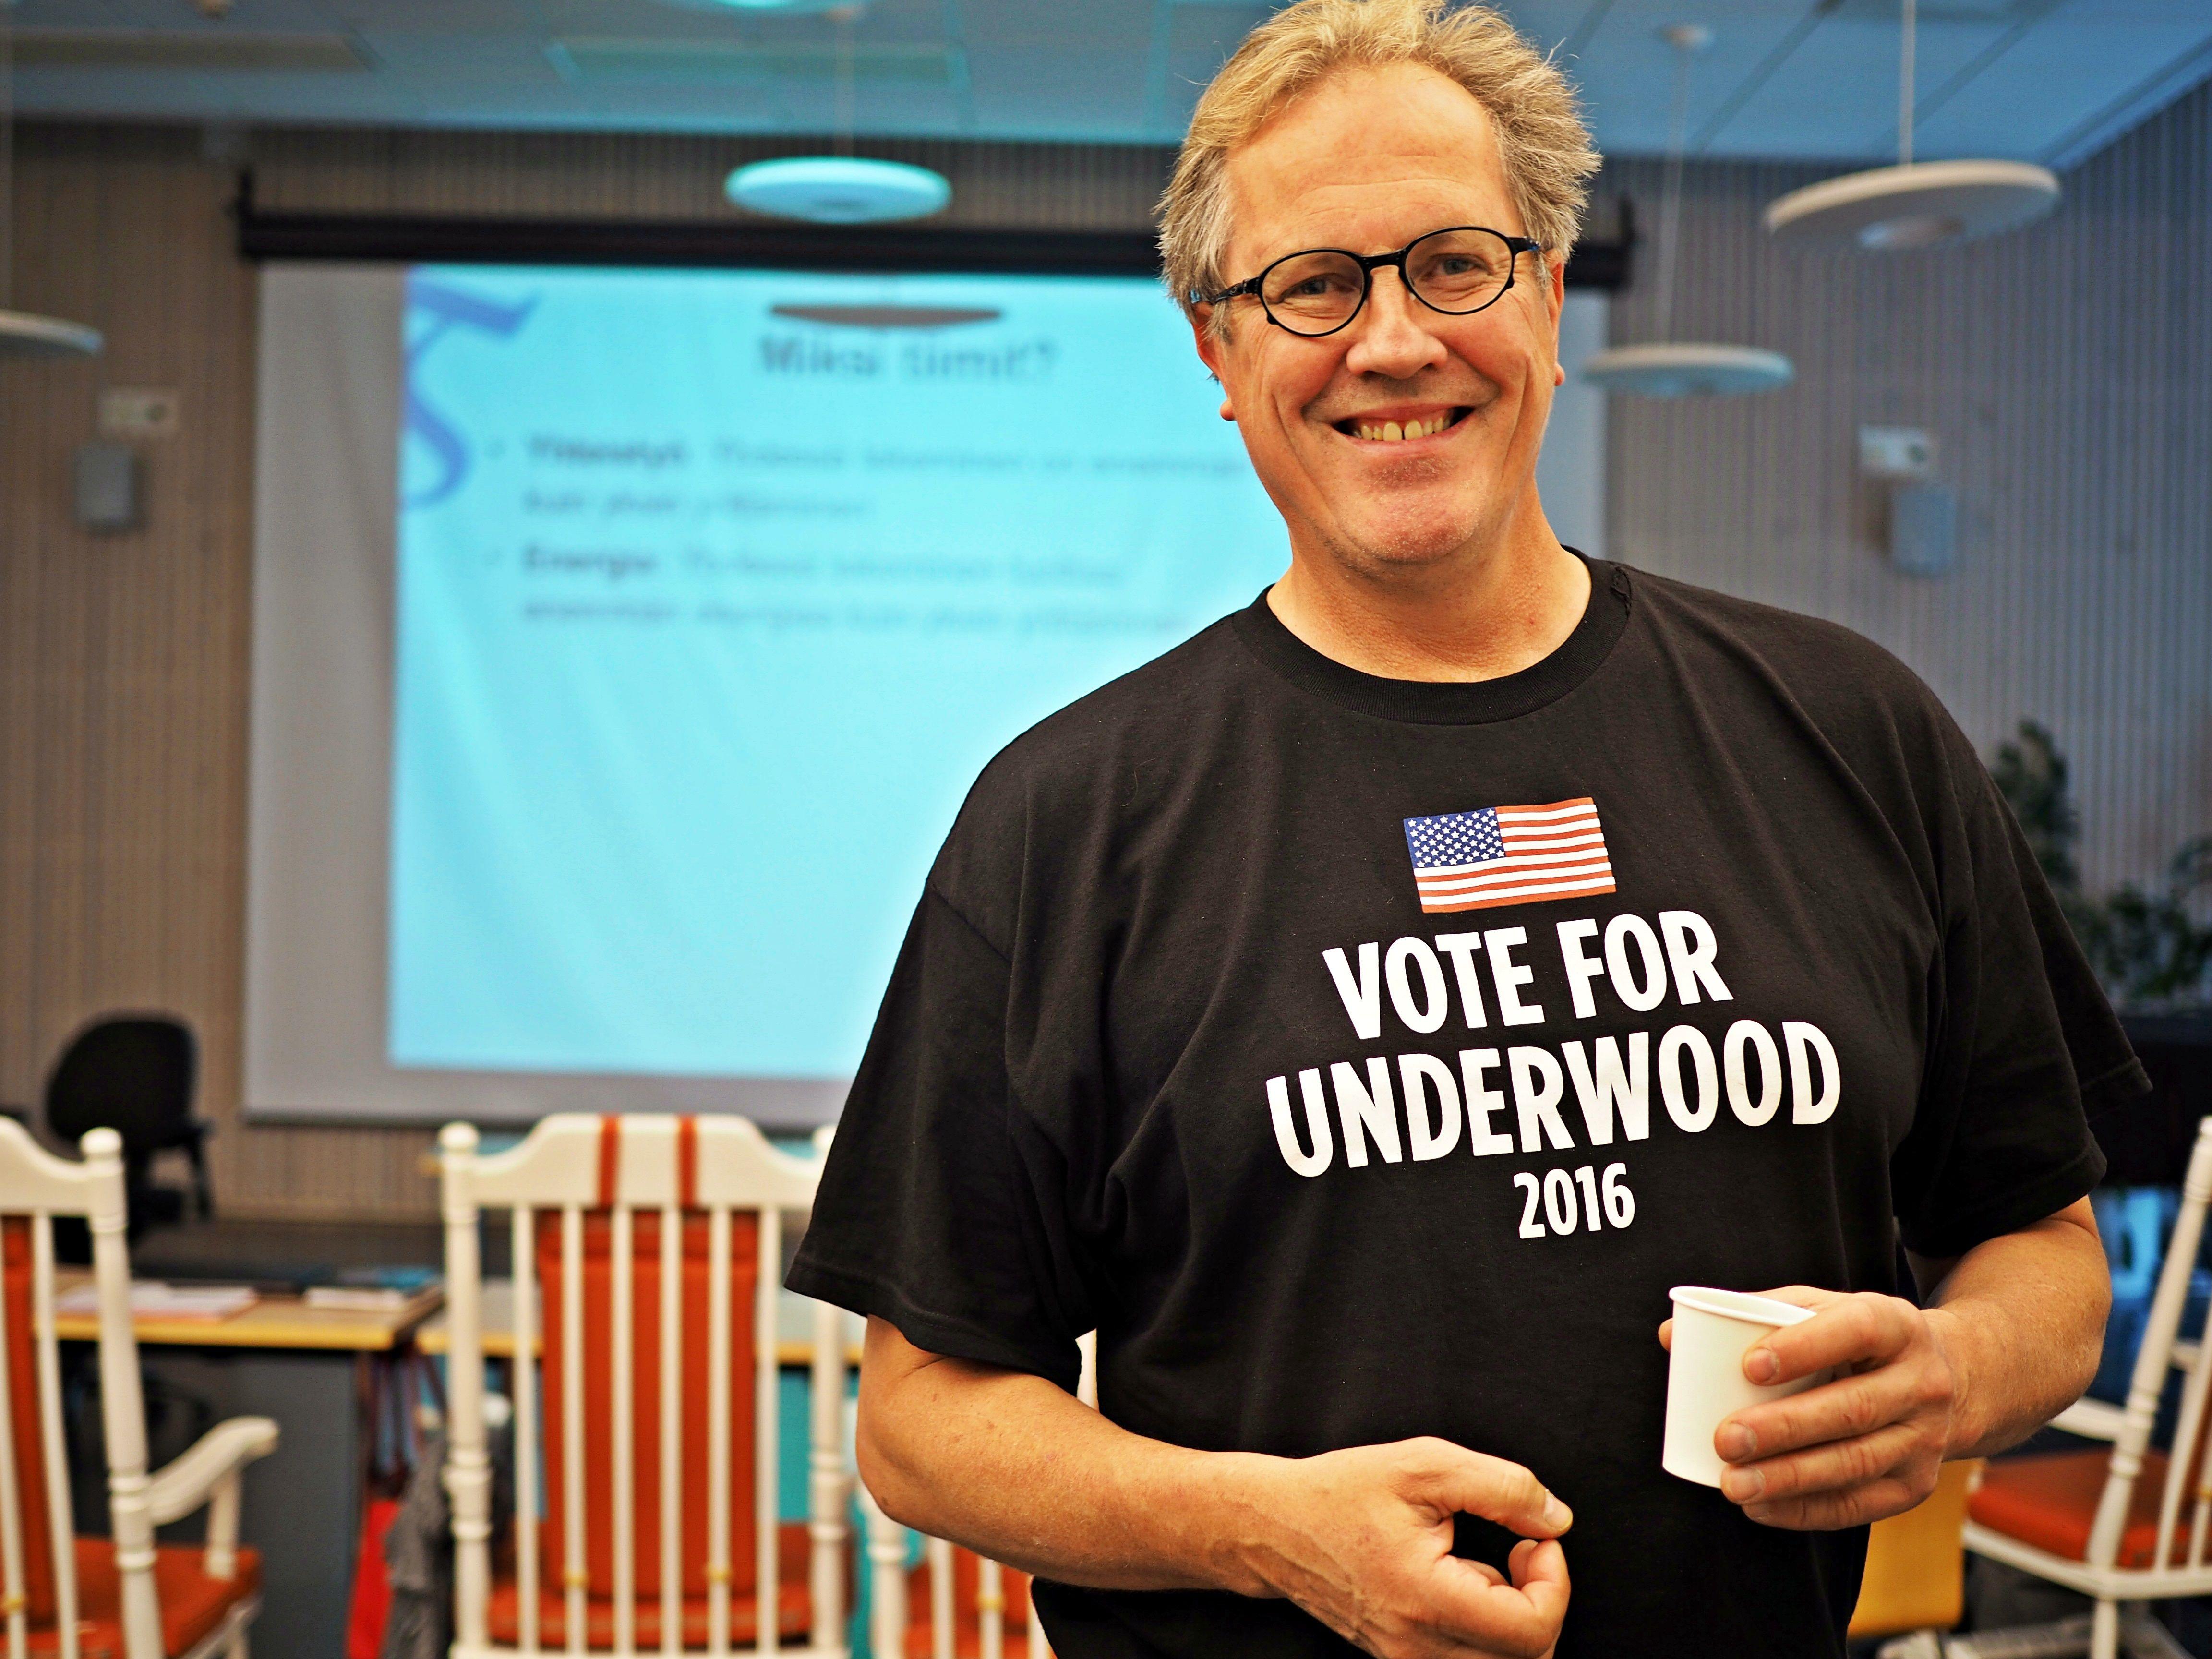 Kalle Michelsen ja ääni Underwoodille.